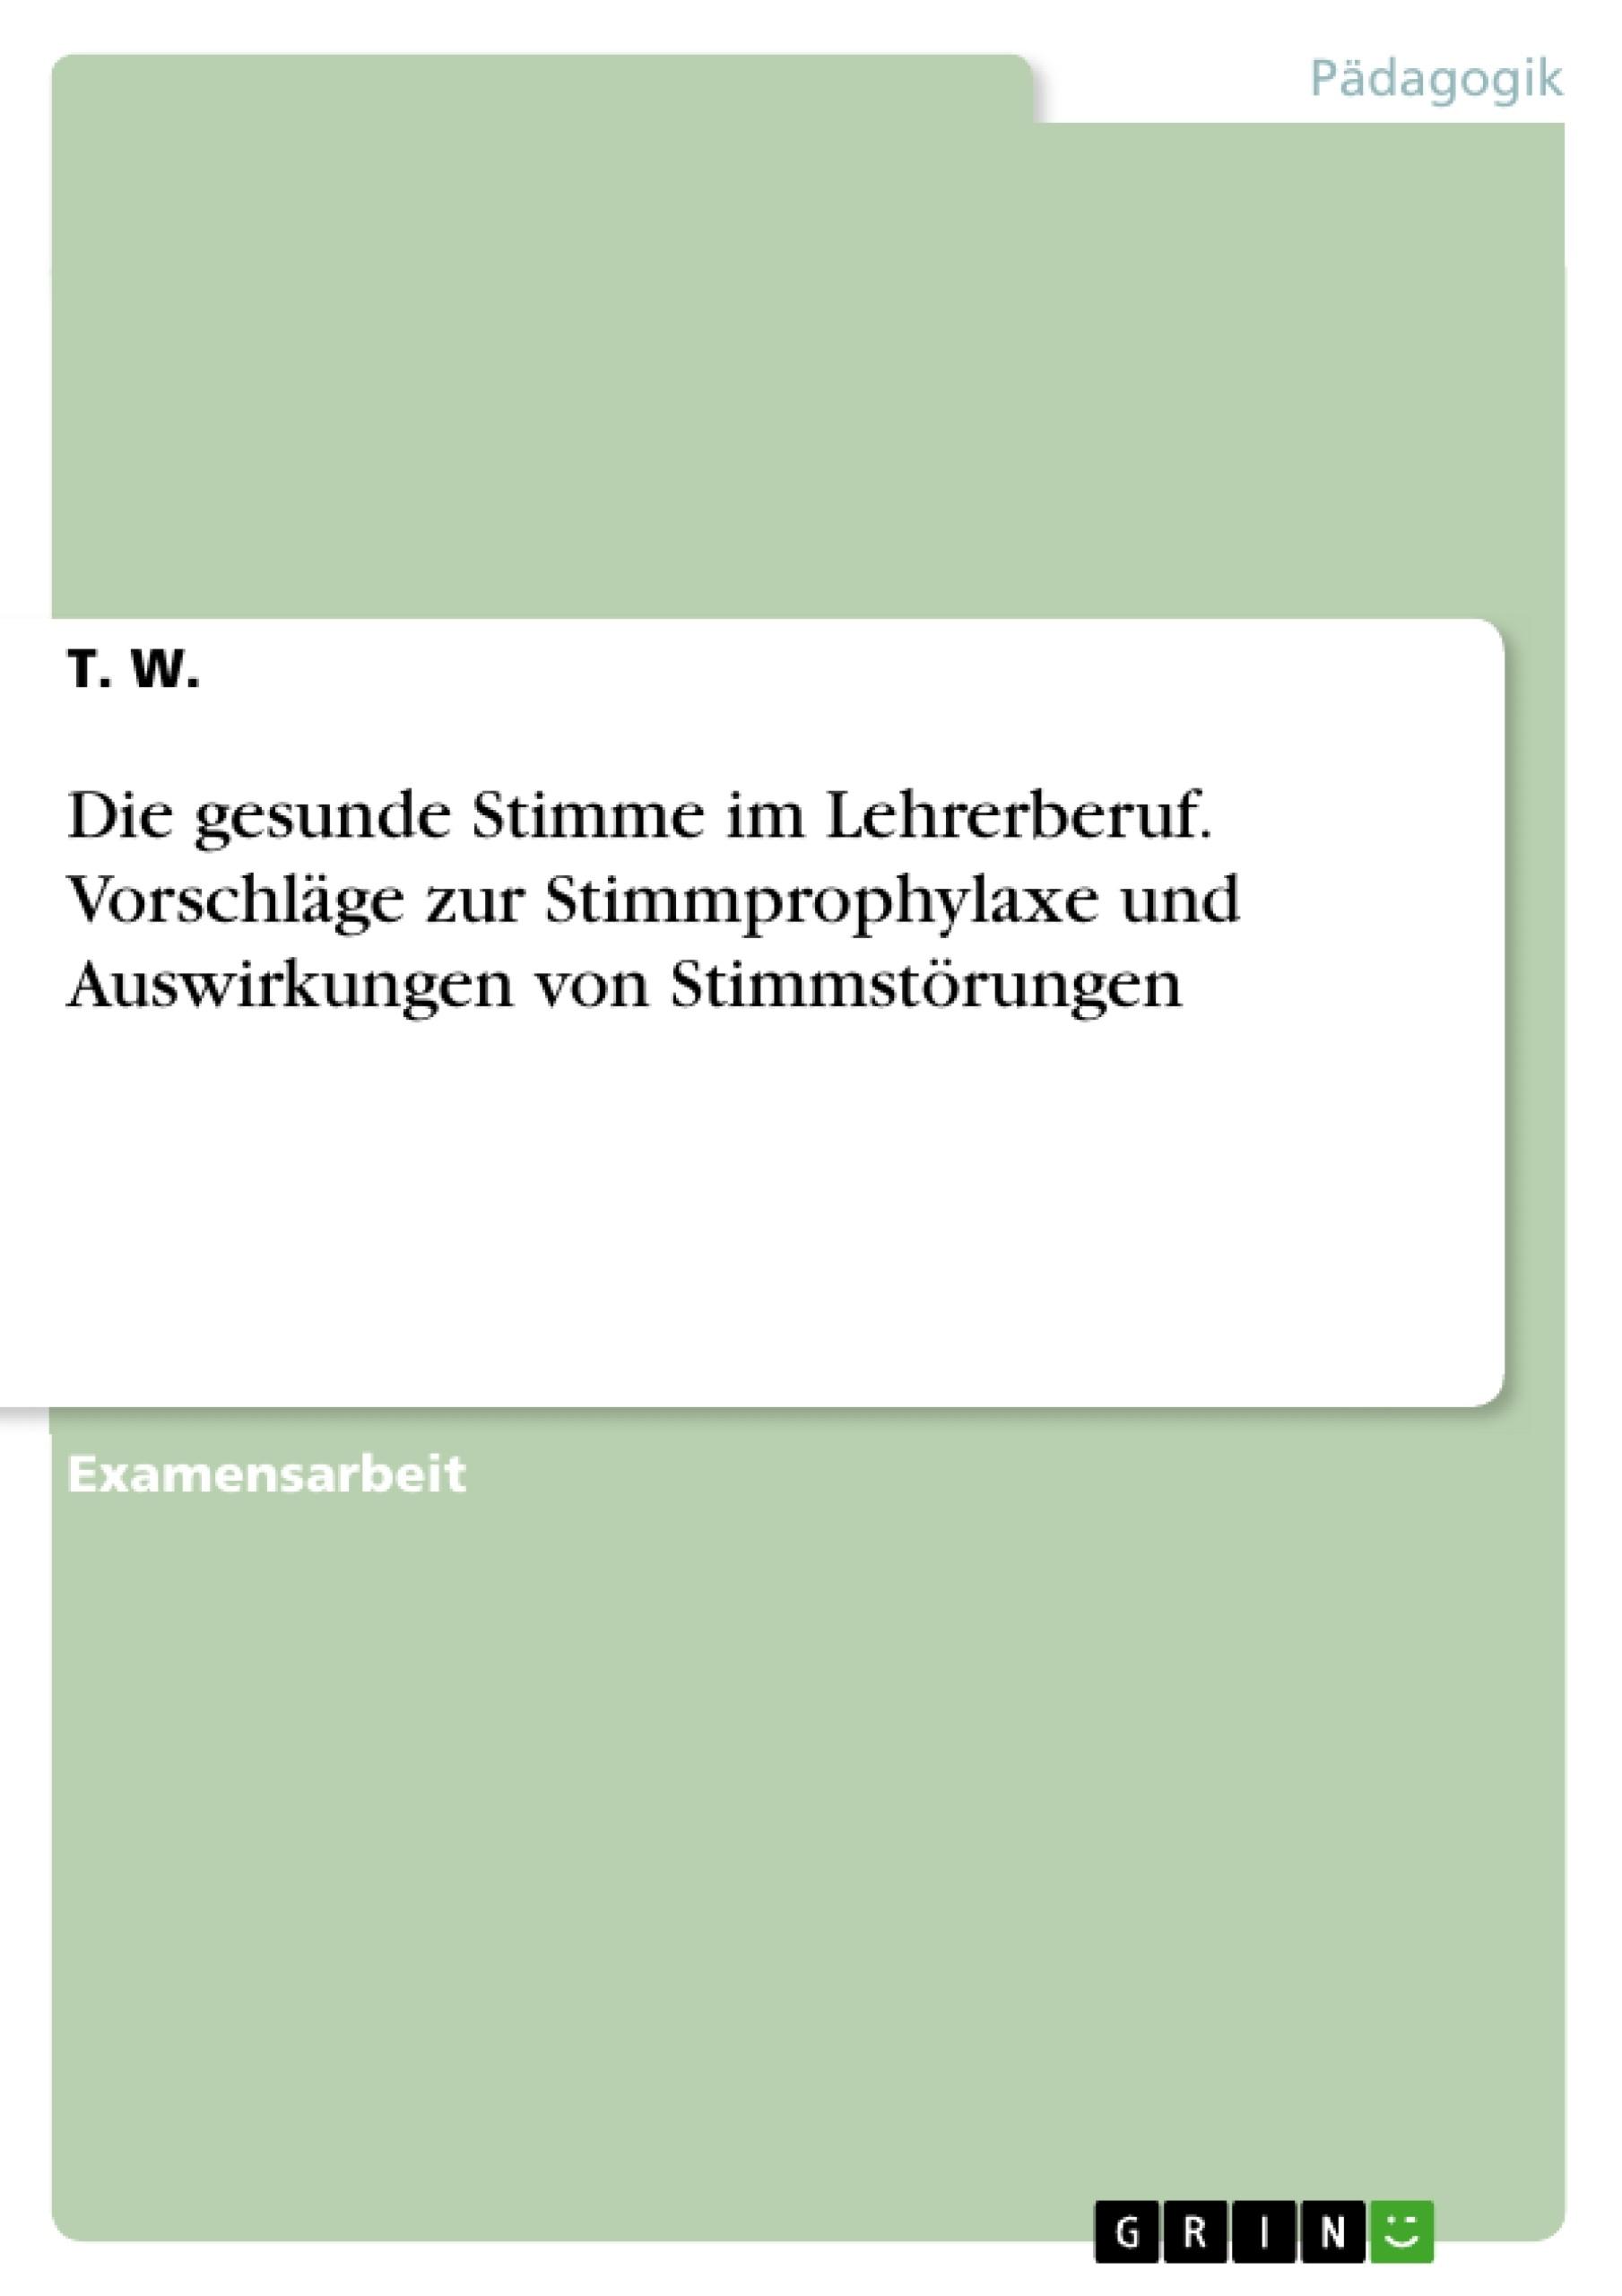 Gemütlich Vorschläge Fortsetzen Bilder - Entry Level Resume Vorlagen ...